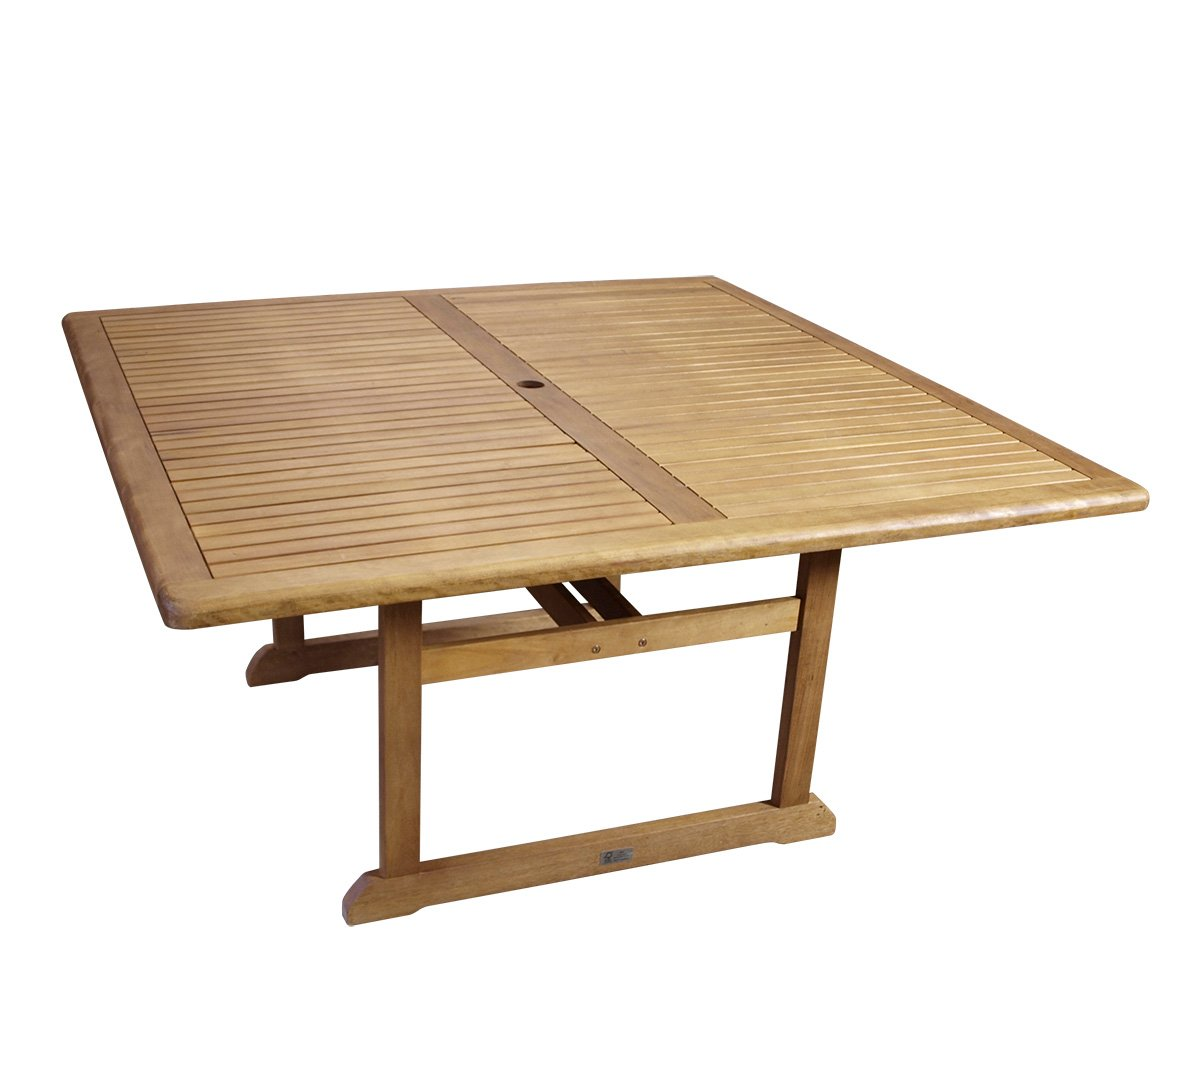 XL Gartentisch Hamilton 150x150cm aus Eukalyptus, FSC®-zertifiziert online kaufen